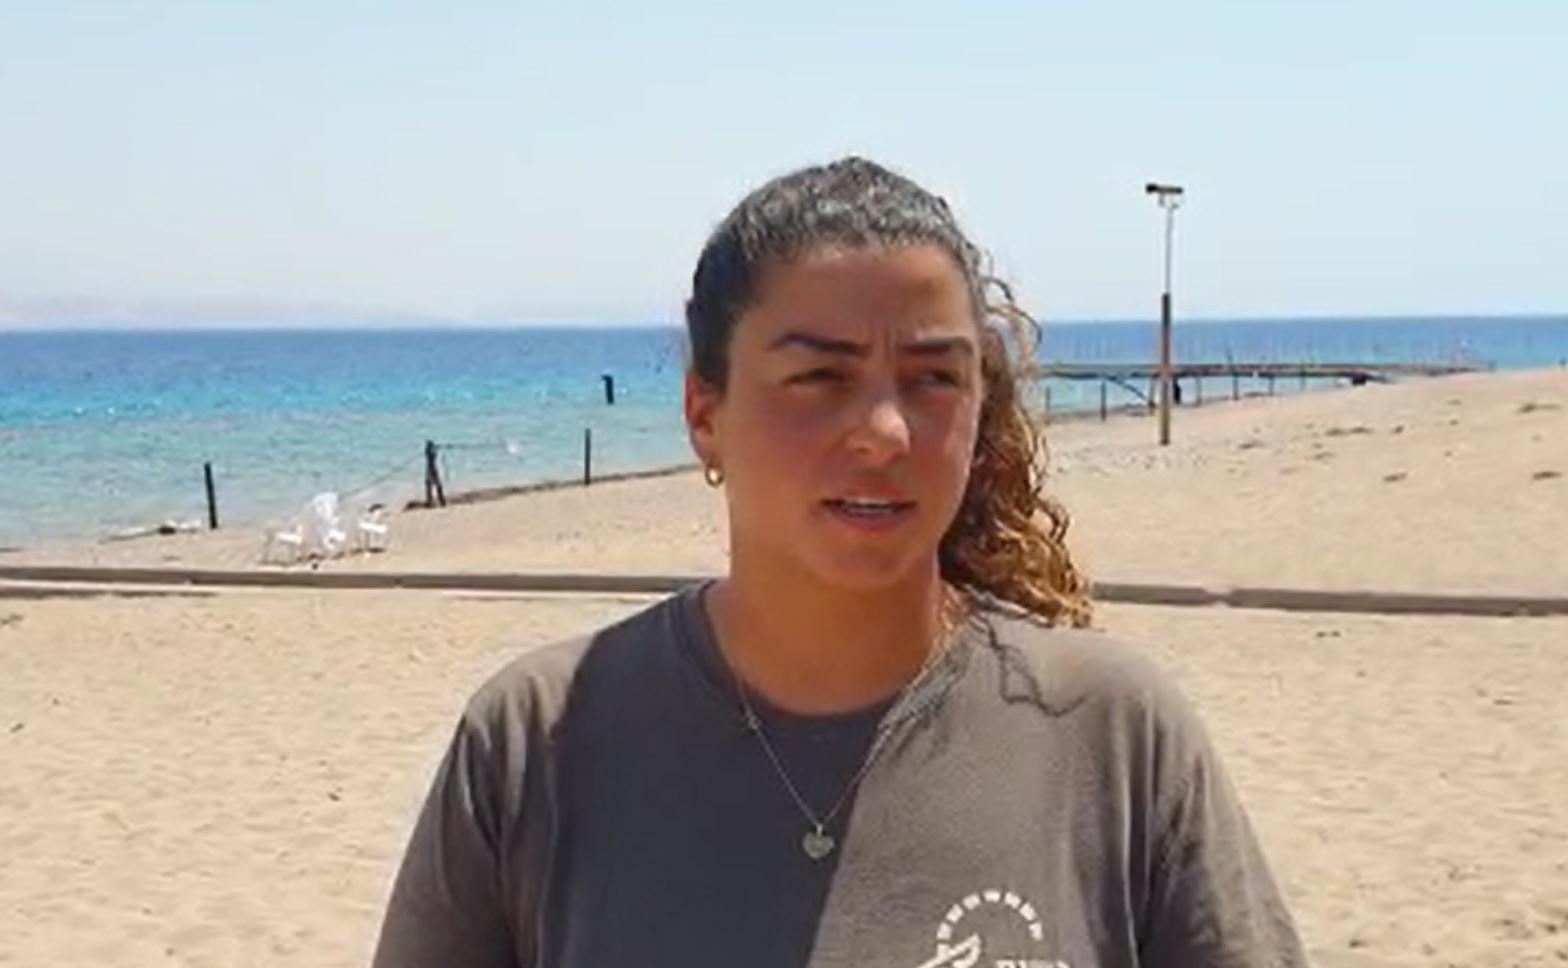 צפו בפקחית שאיתרה ותפסה את הירדני ששחה אל החוף באילת